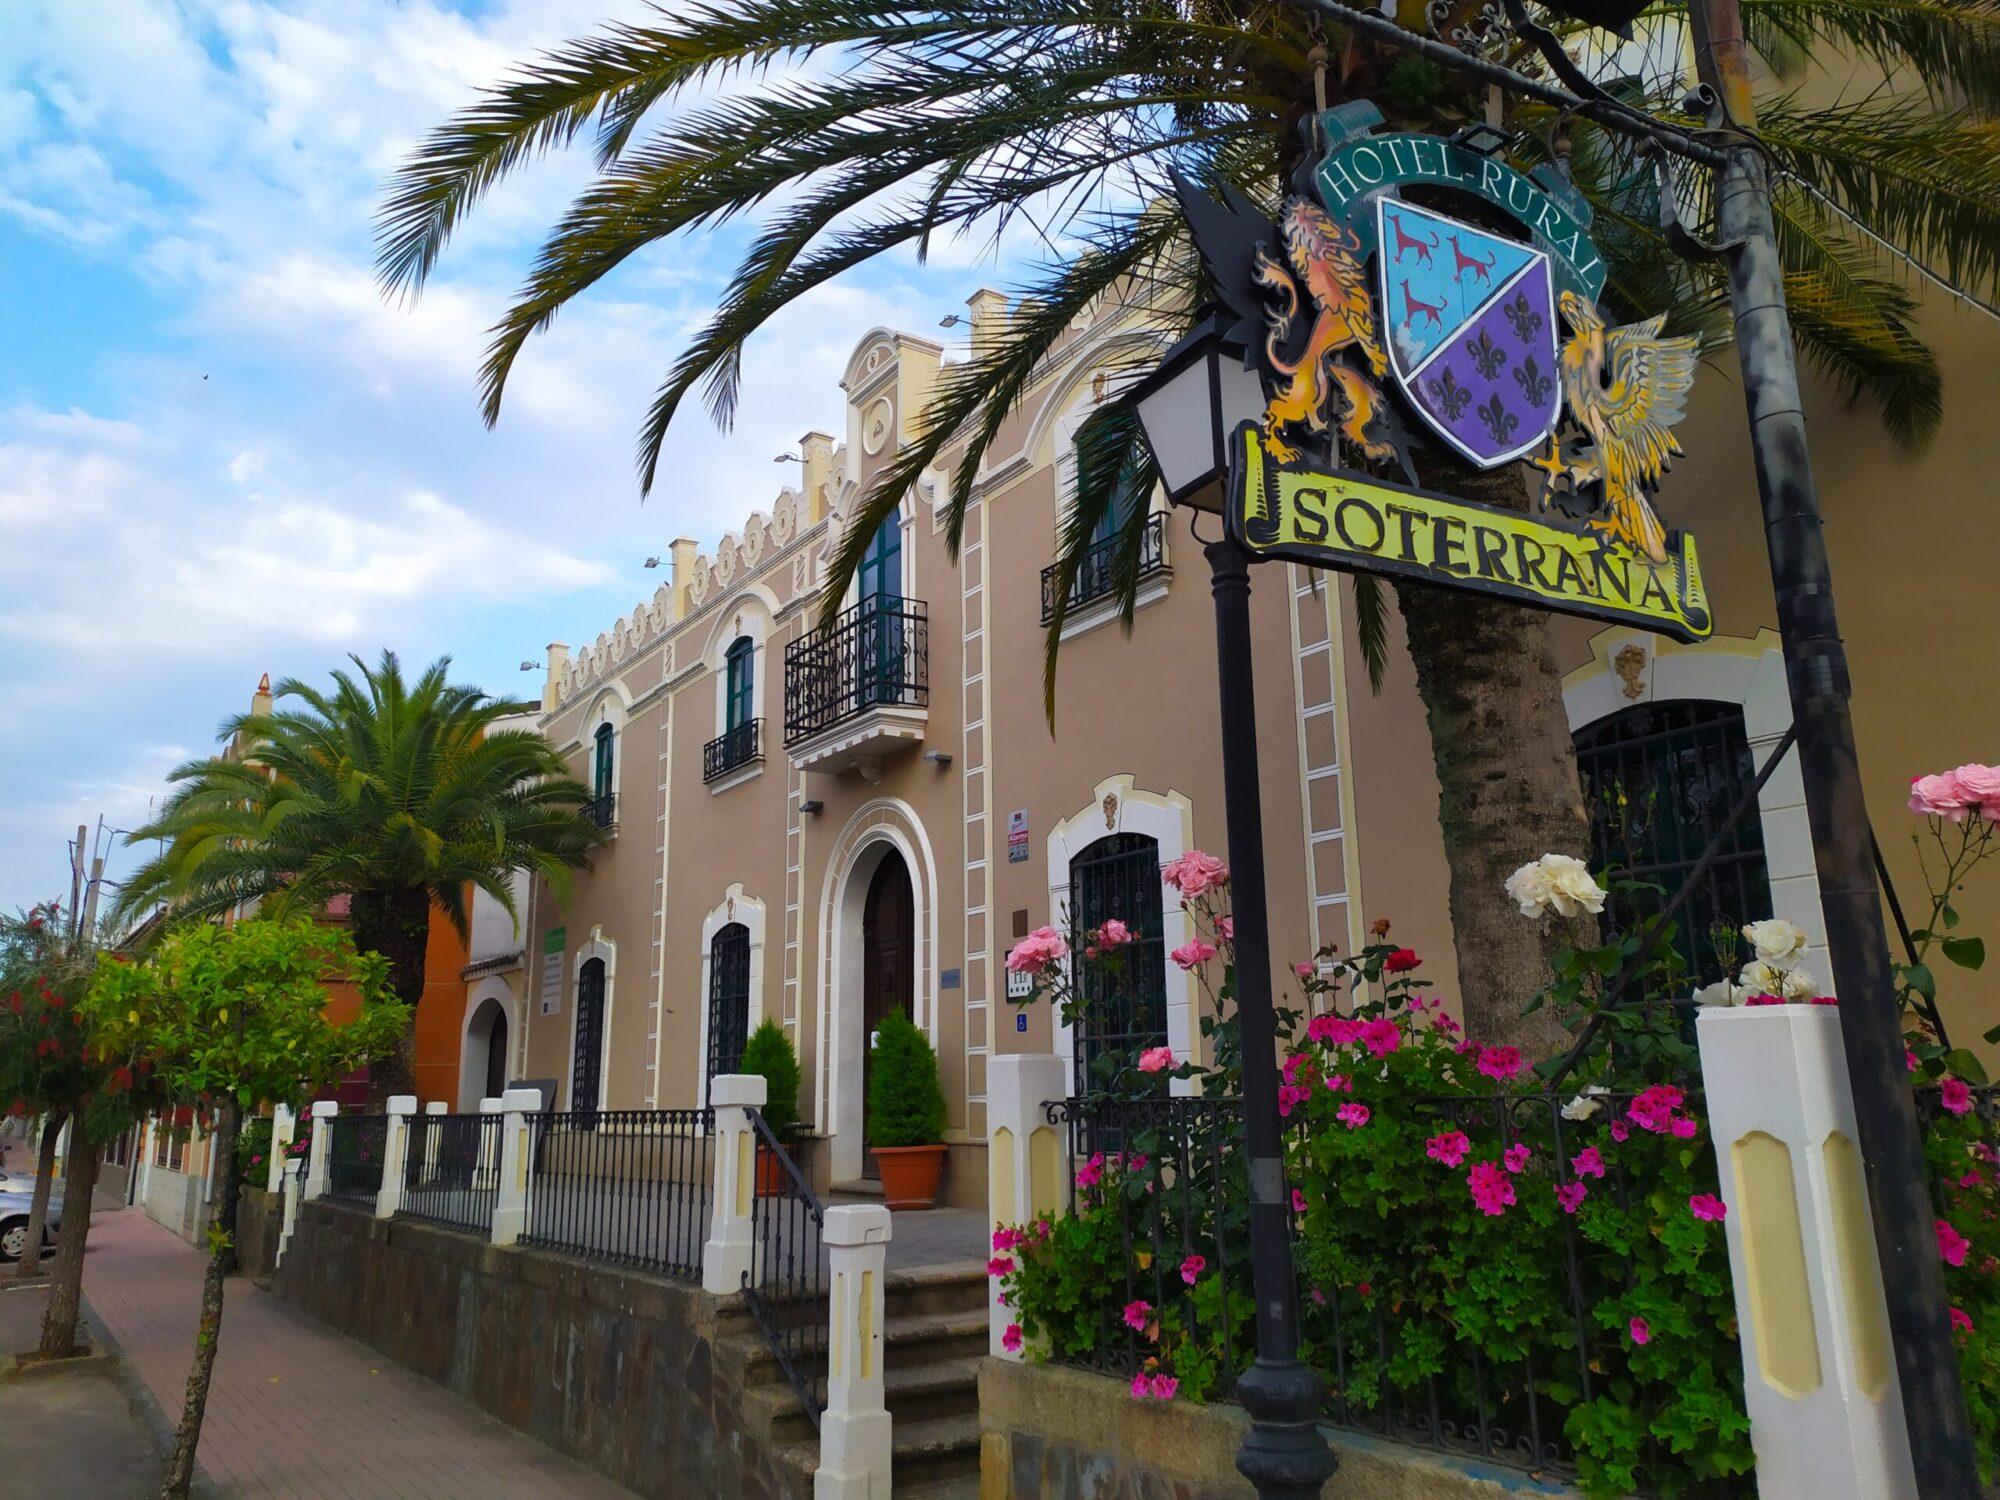 HOTEL RURAL SOTERRAÑA 2